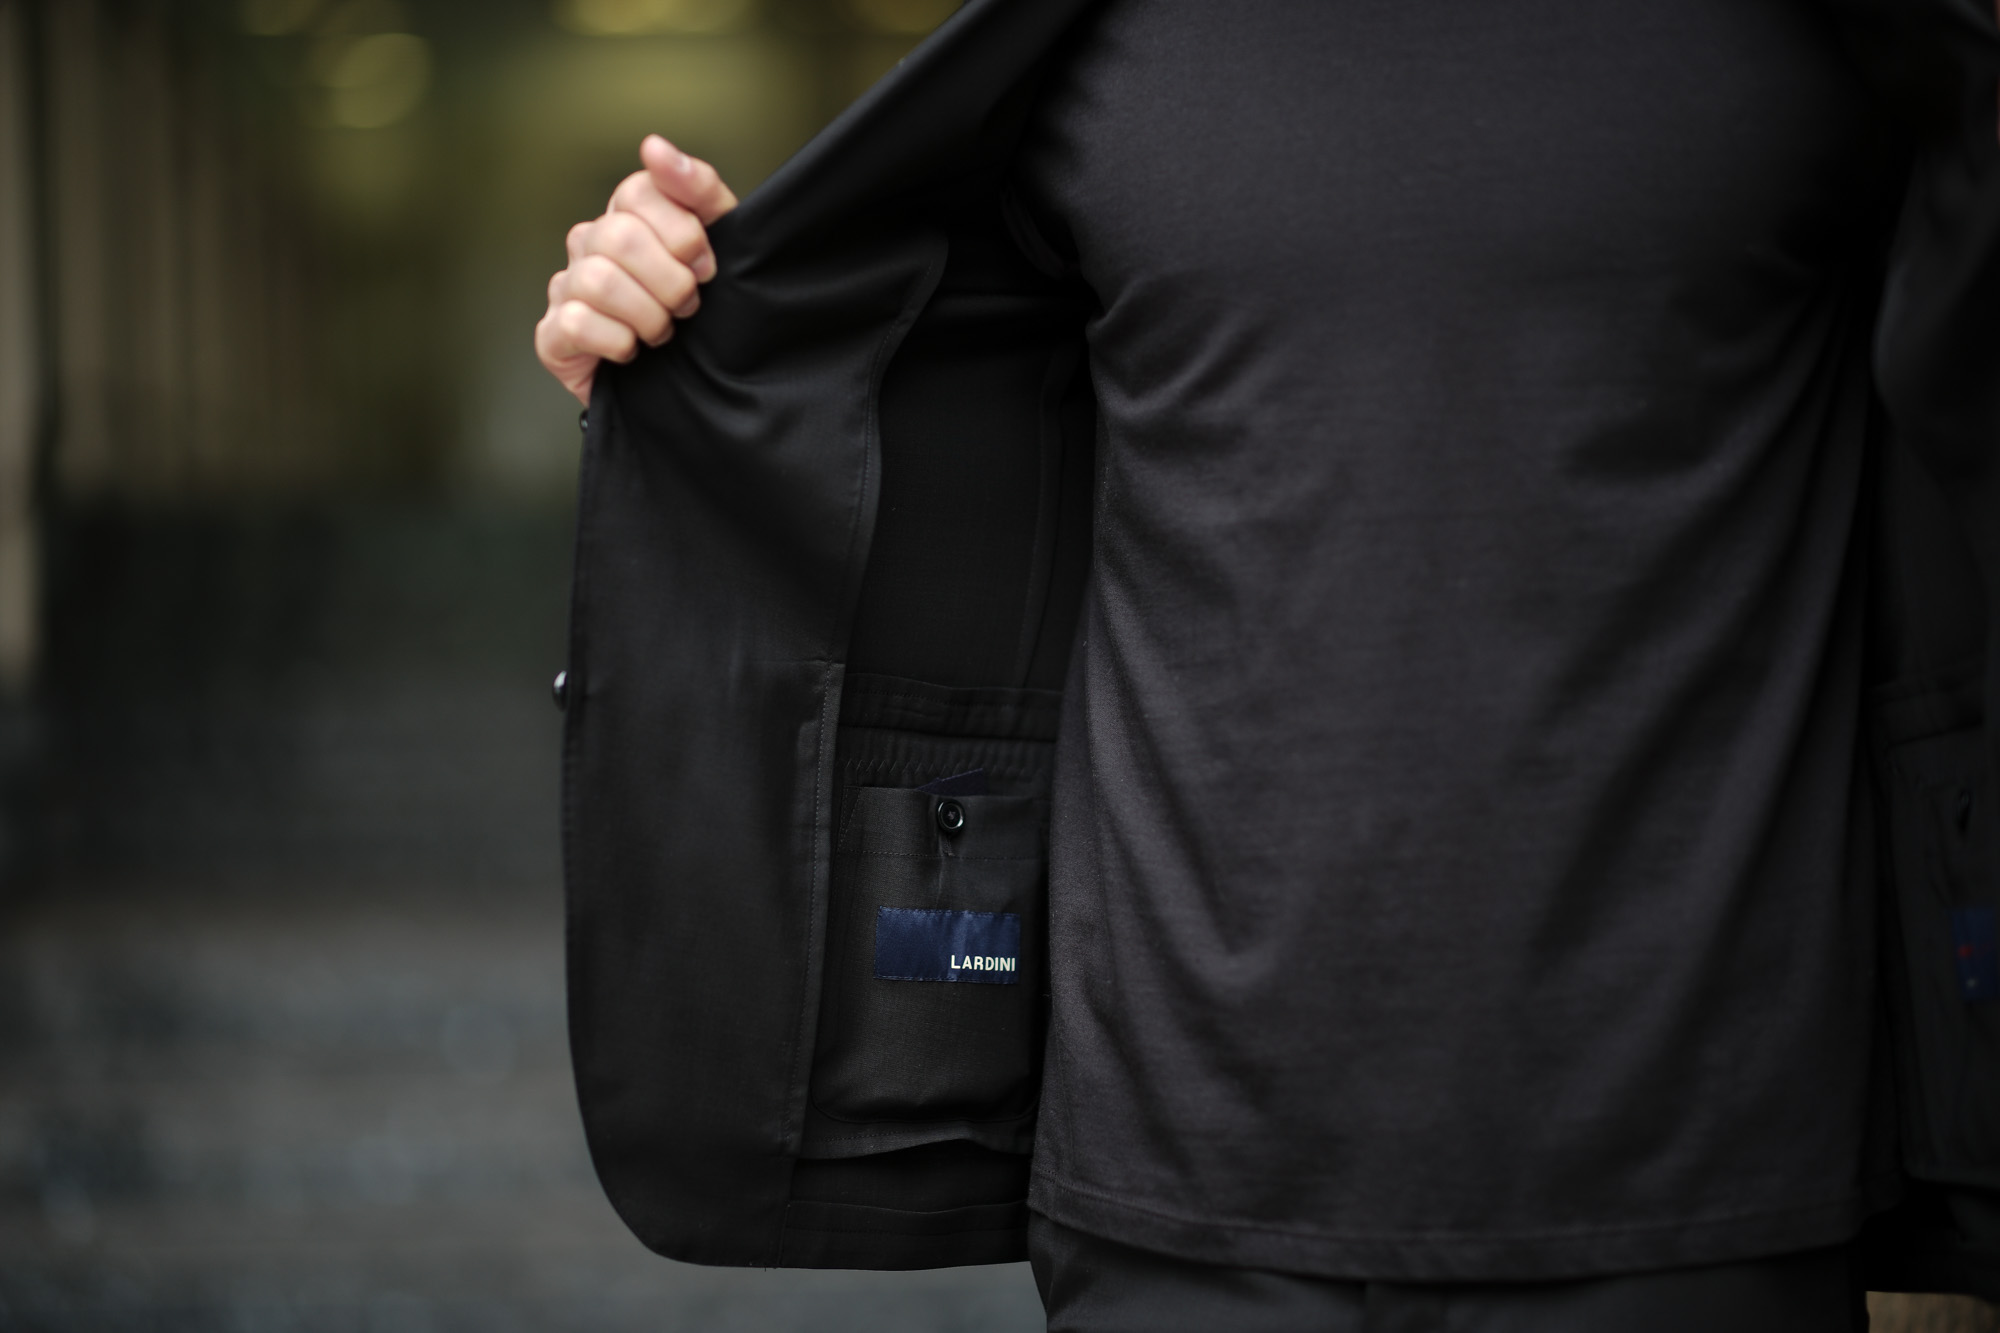 LARDINI (ラルディーニ) EASY WEAR (イージーウエア) Pakkaburu Suit (パッカブル スーツ) トロピカルウール パッカブル ストレッチ スーツ BLACK (ブラック・306) made in italy (イタリア製) 2019 春夏新作 愛知 名古屋 altoediritto アルトエデリット